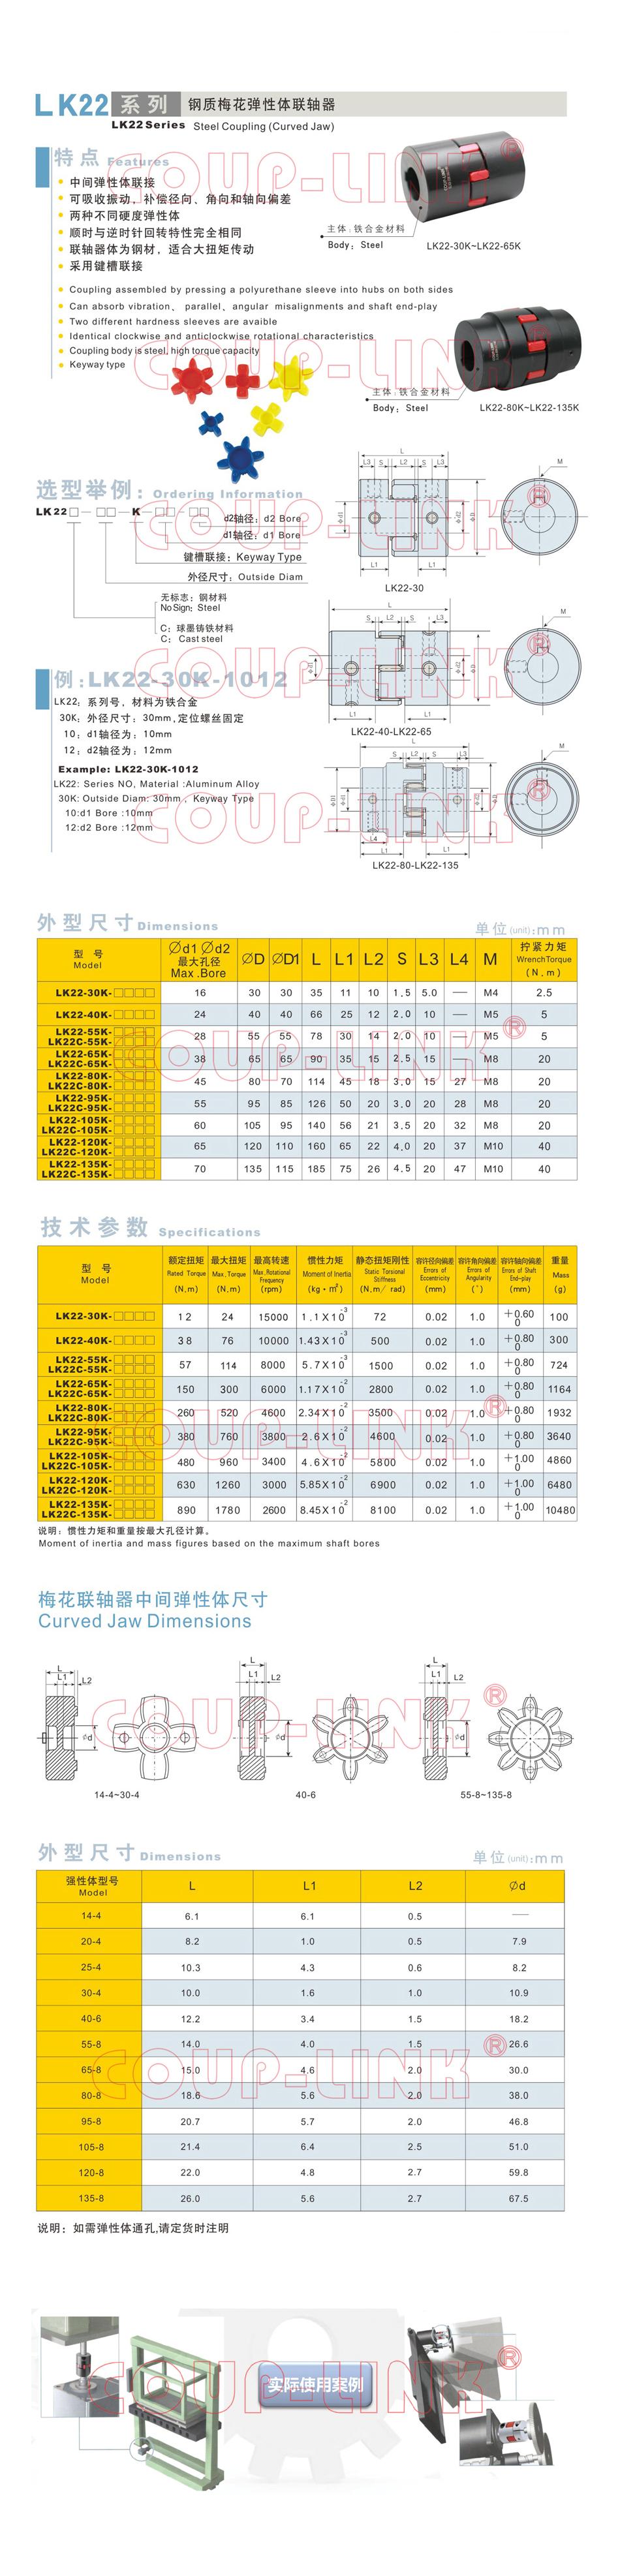 LK22 系列 鋼質梅花彈性老子有钱app_老子有钱app種類-廣州老子有钱自動化設備有限公司